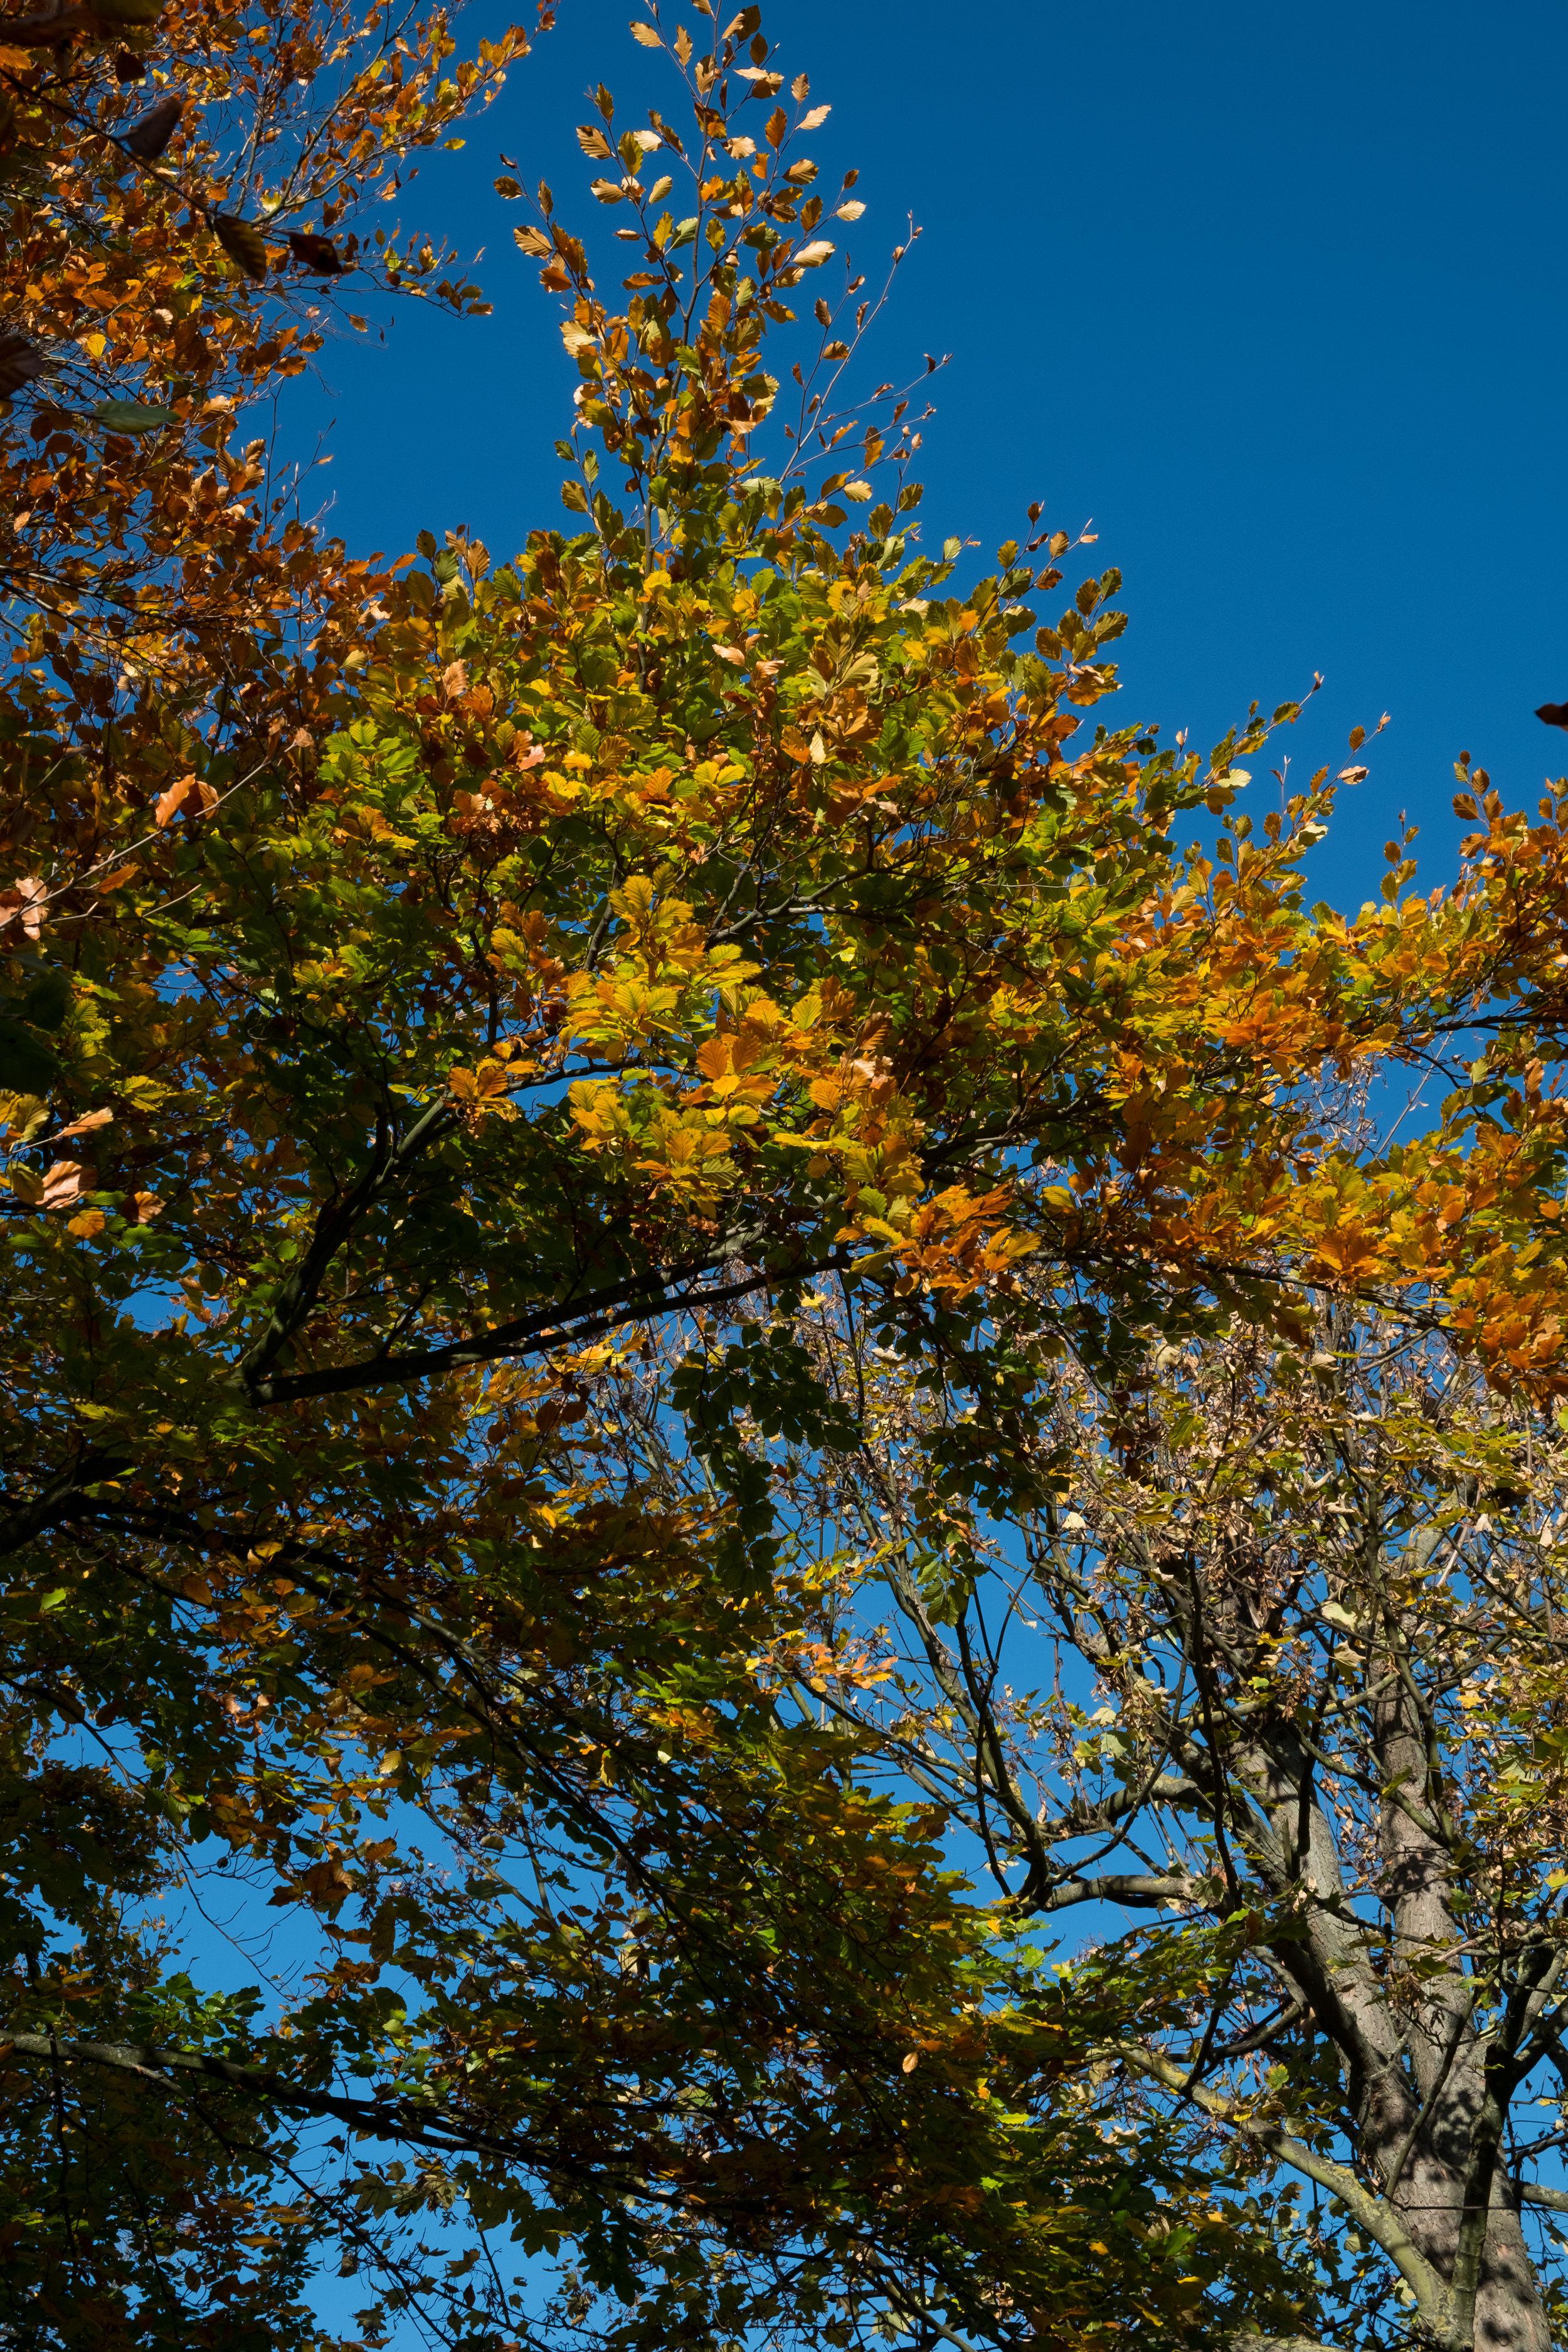 Autumn against the blue sky